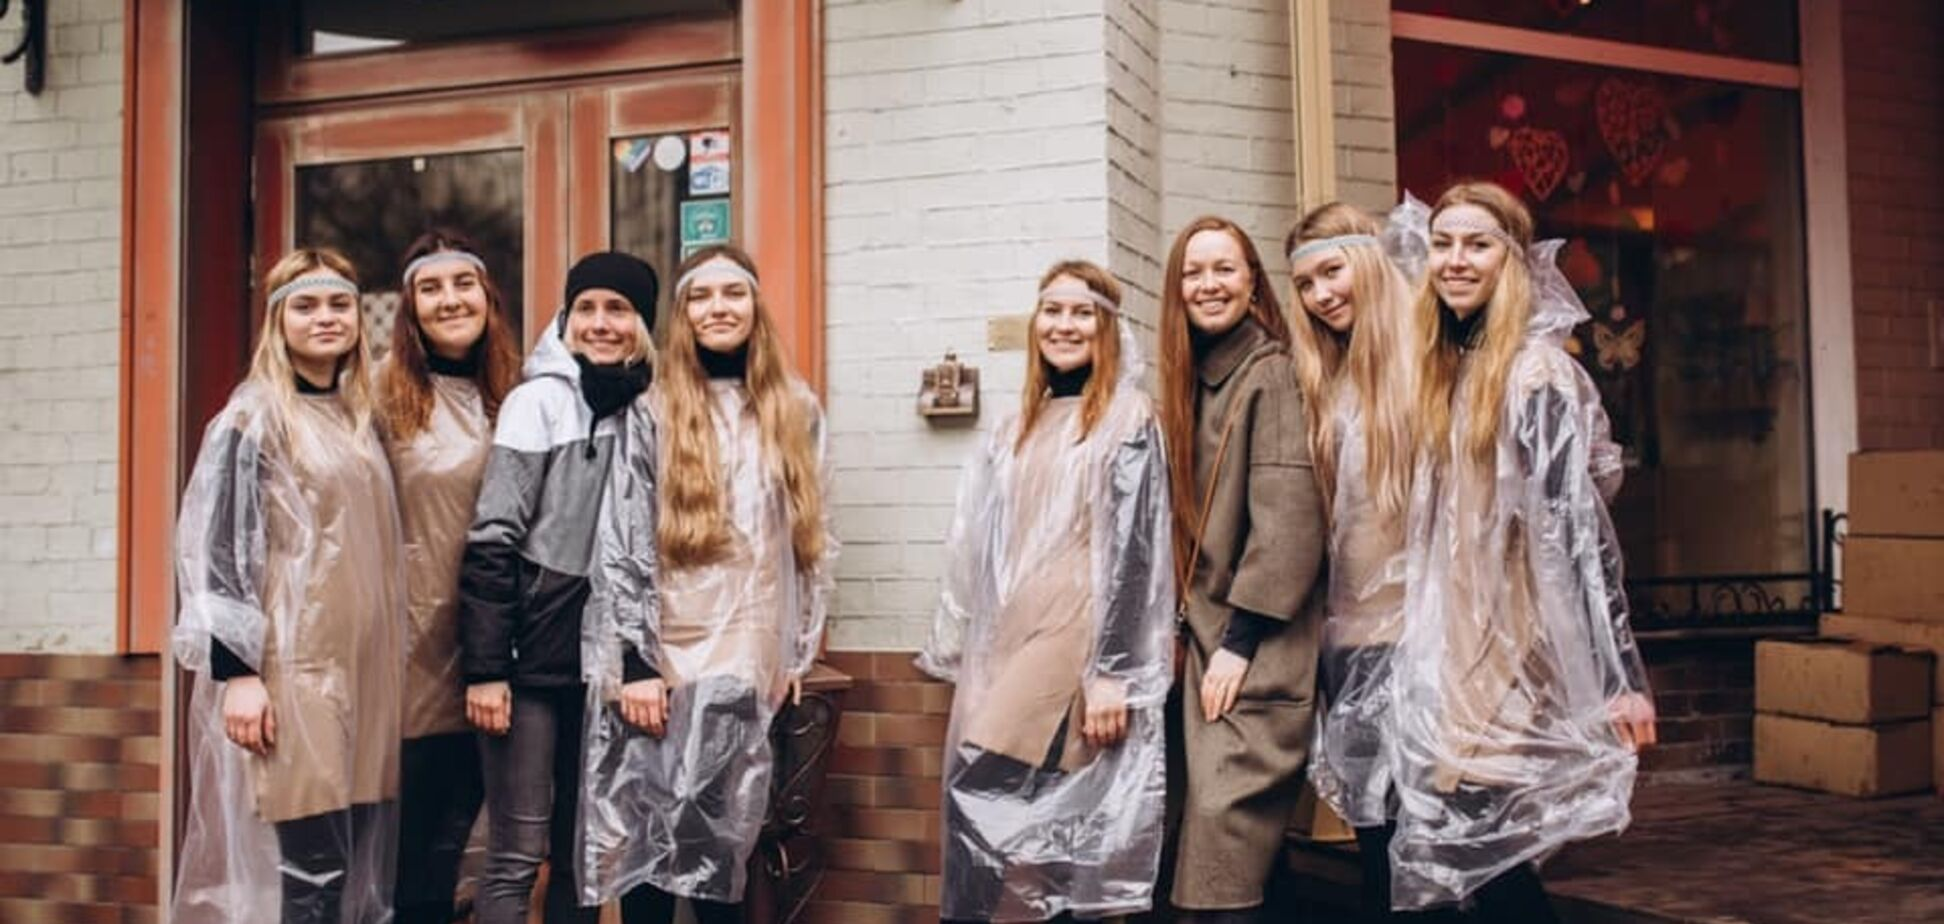 Потрешь фигурку - откроются все двери: в Киеве установили необычный мини-памятник